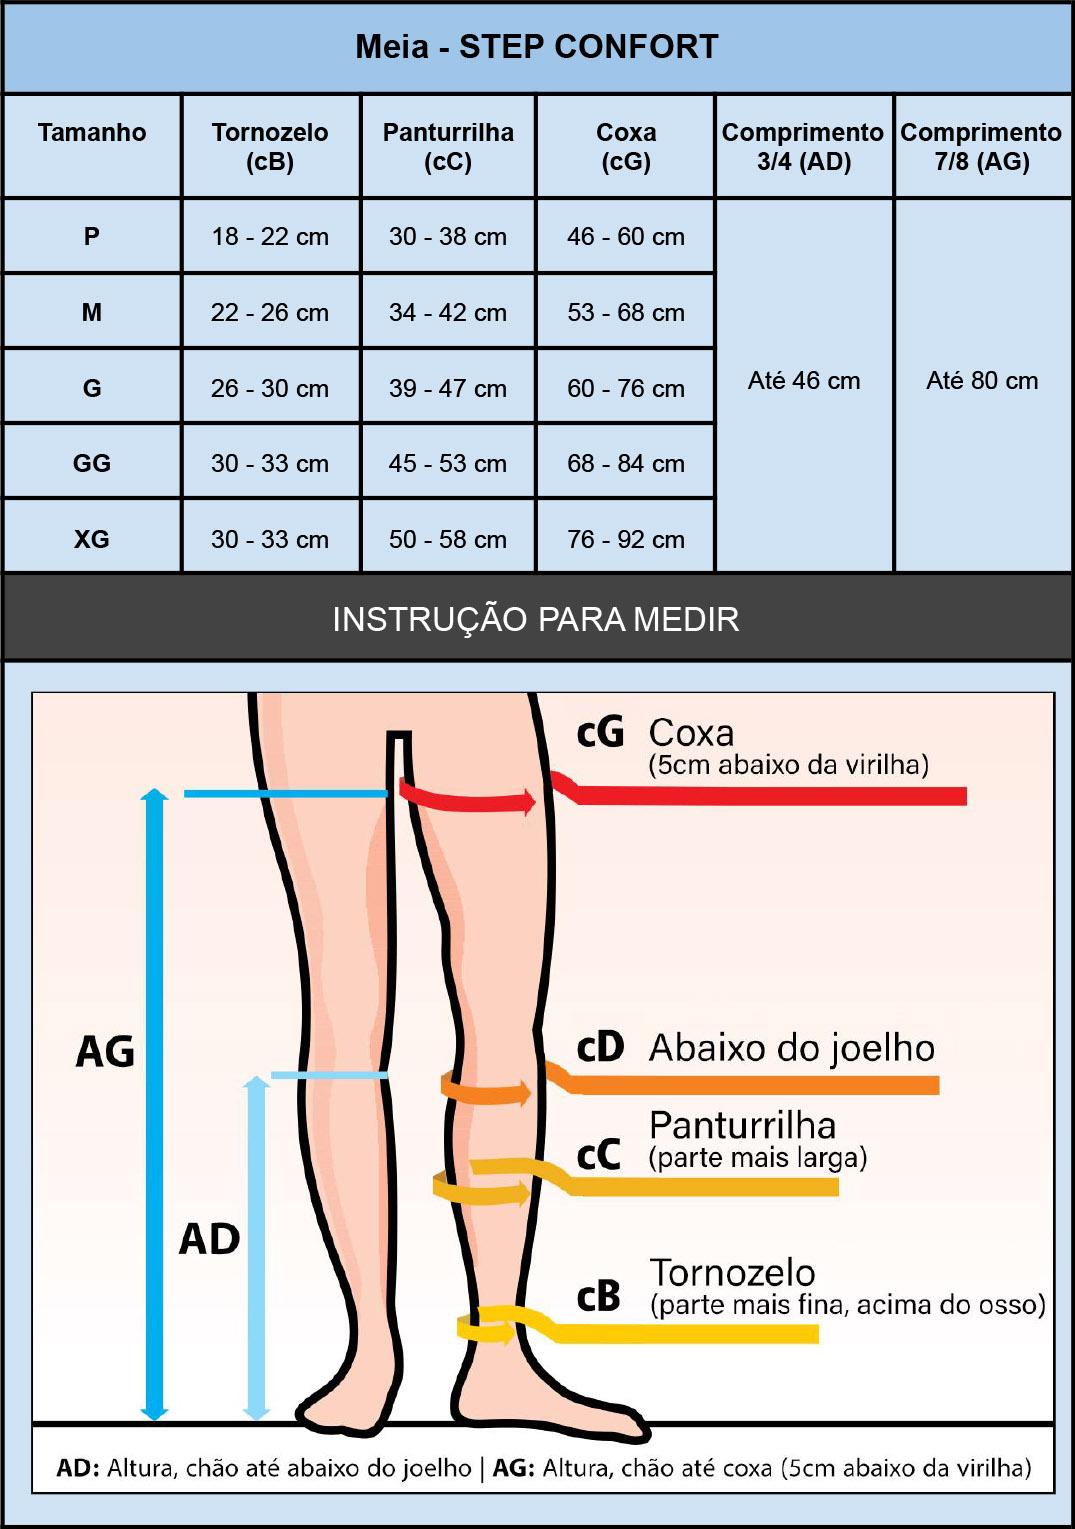 Meia compressiva 3/4 Stepconfort (Estéril) antitrombo antiembolia, para tratamentos médicos e cirurgias  - Cinta se Nova